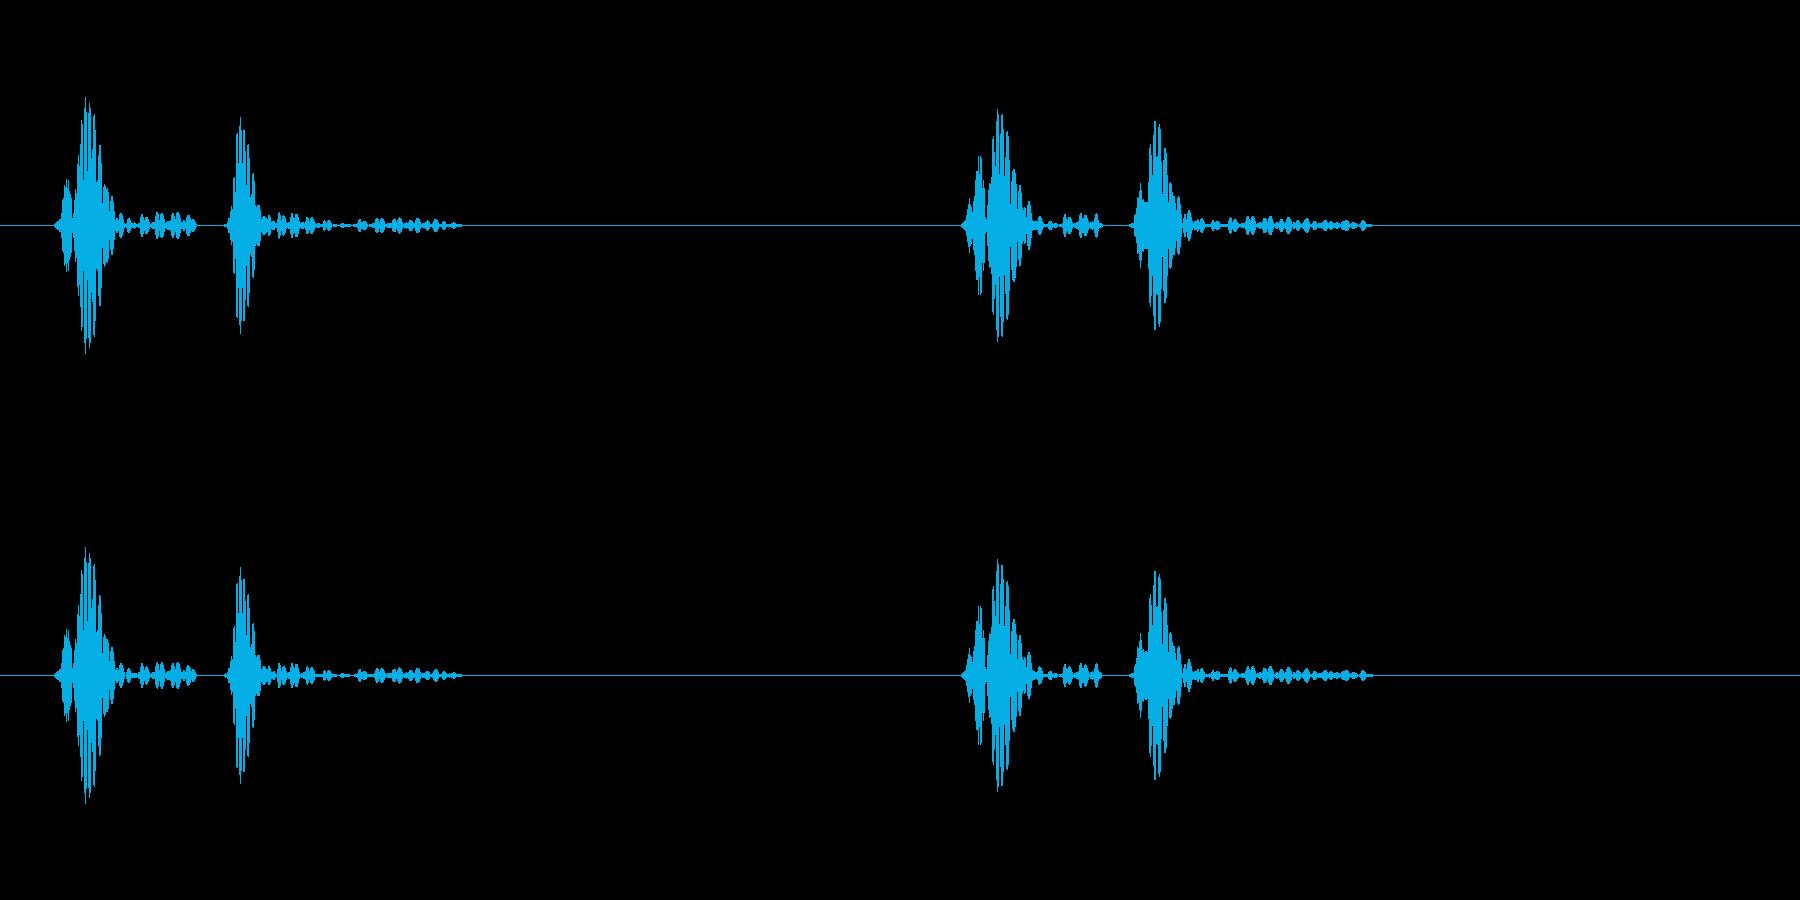 ドクンドクンという心臓の鼓動(早)ループの再生済みの波形